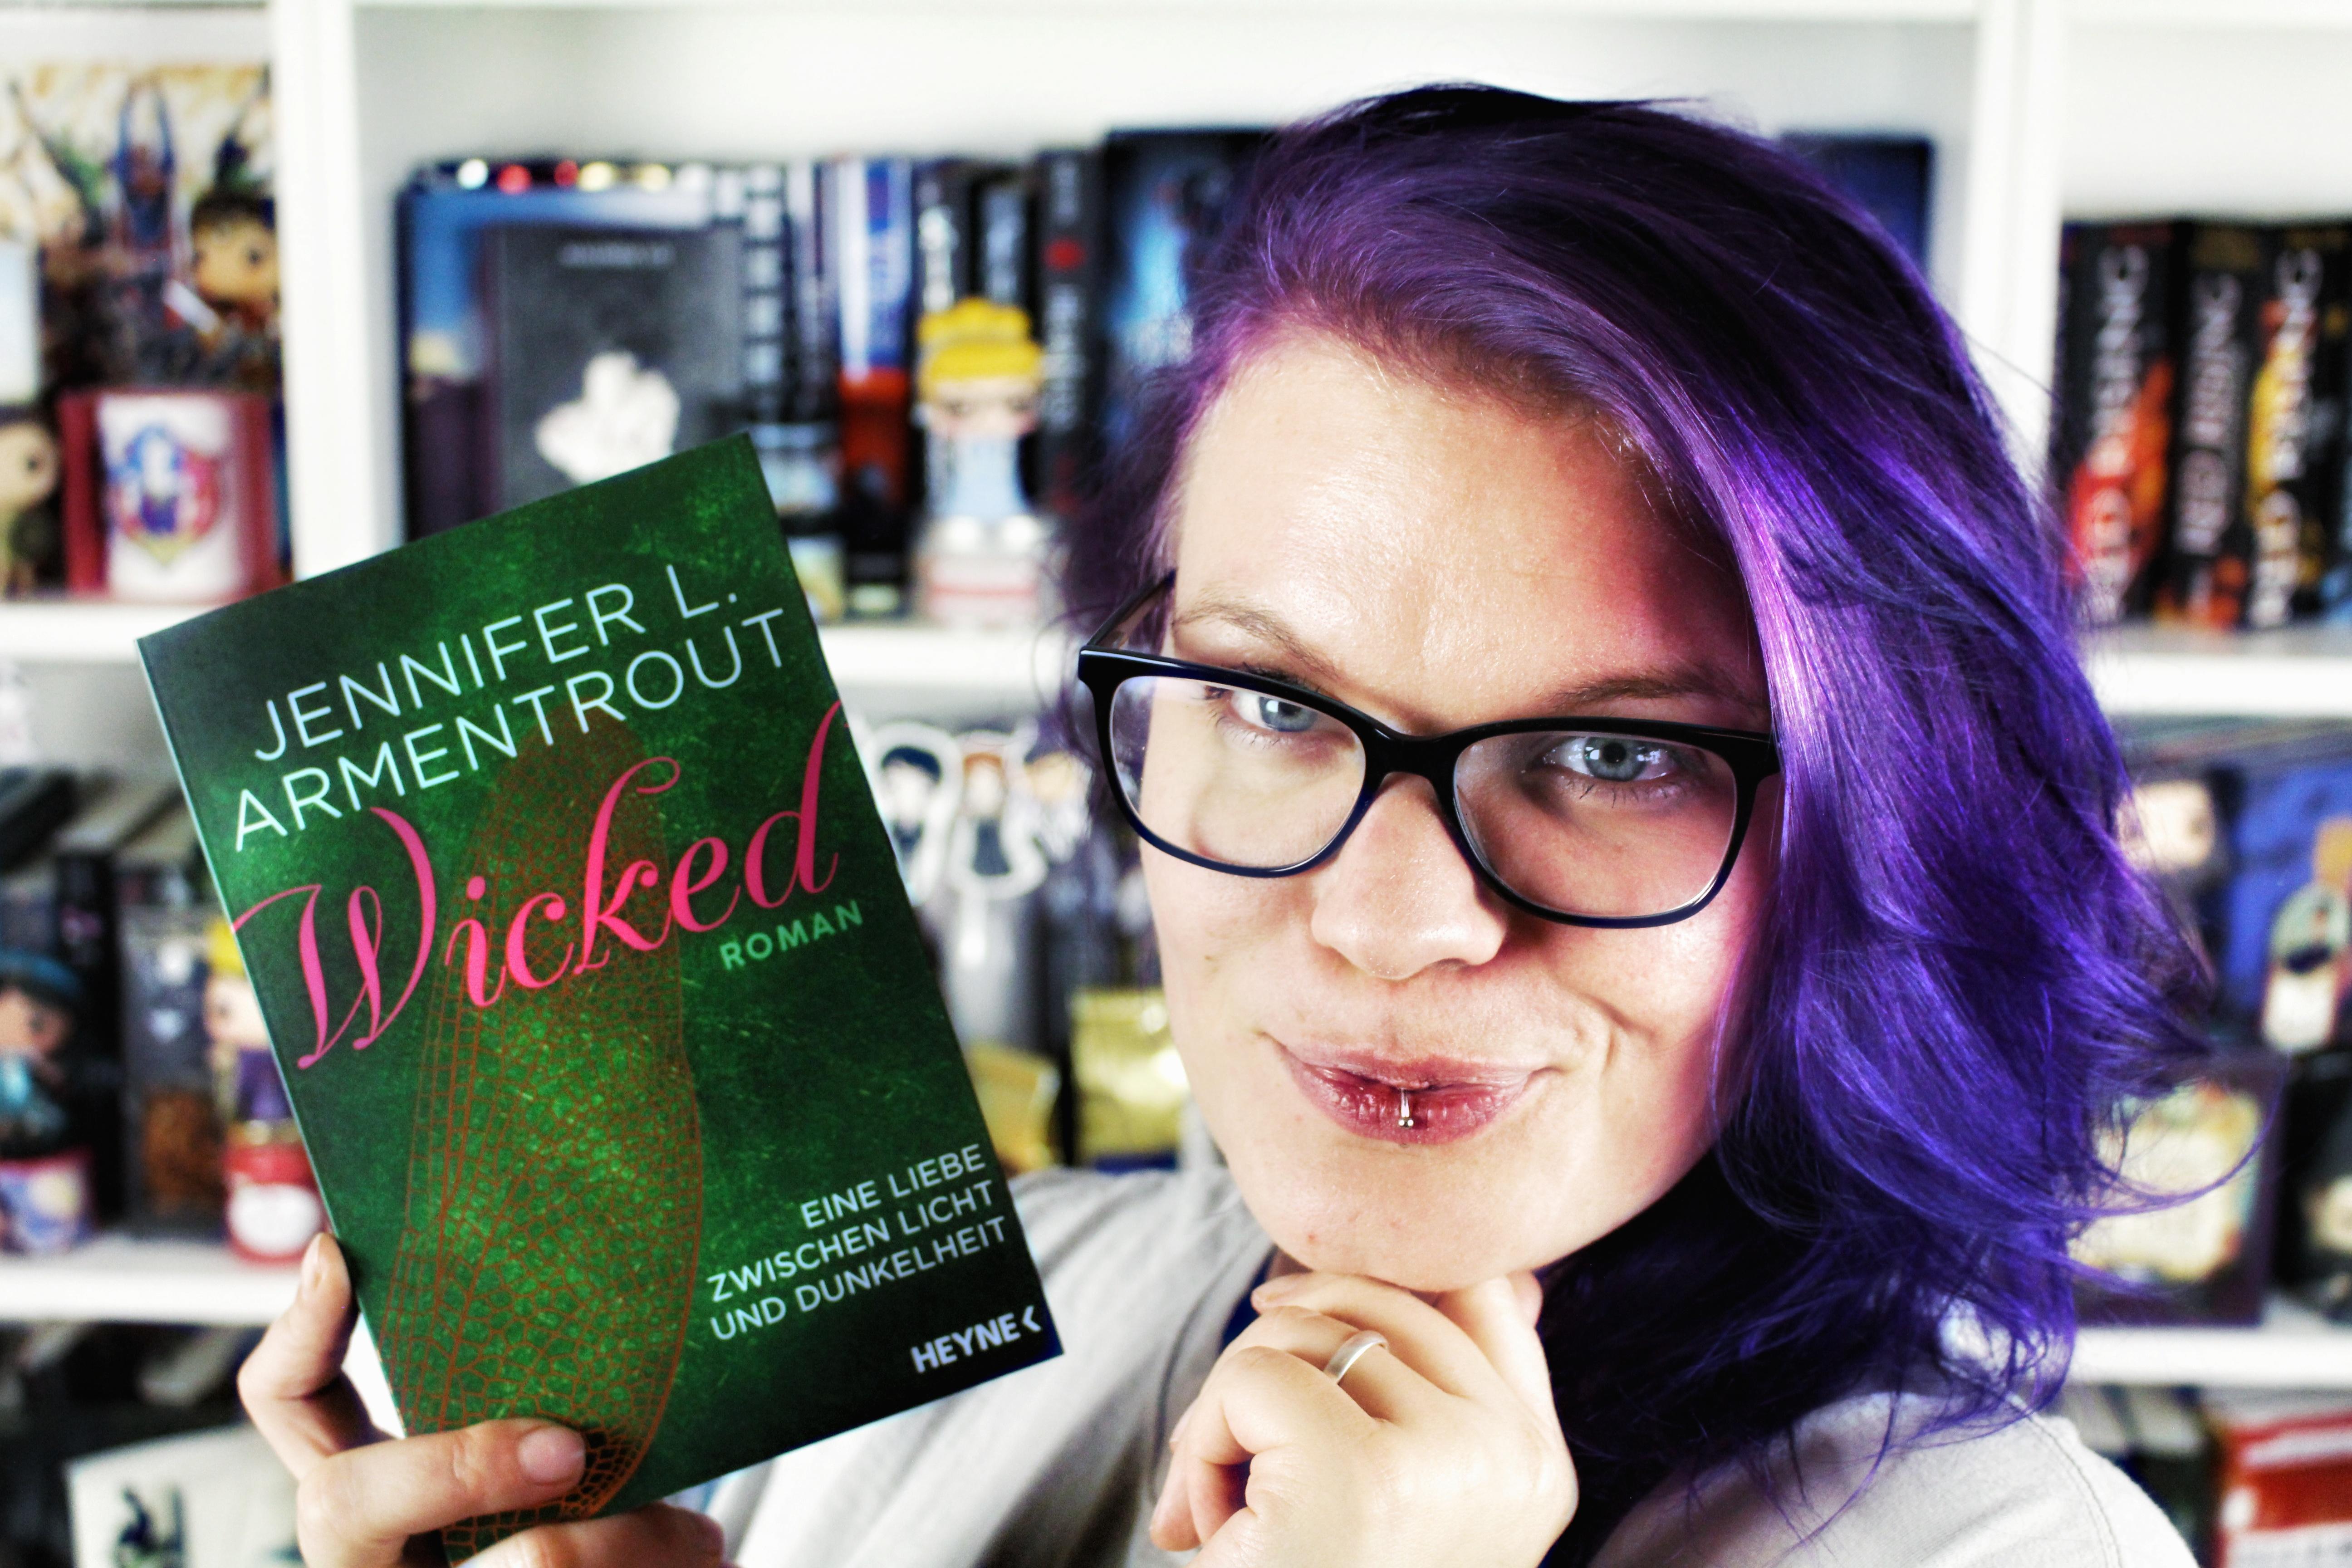 Rezension | Wicked. Eine Liebe zwischen Licht und Dunkelheit / Jennifer L. Armentrout